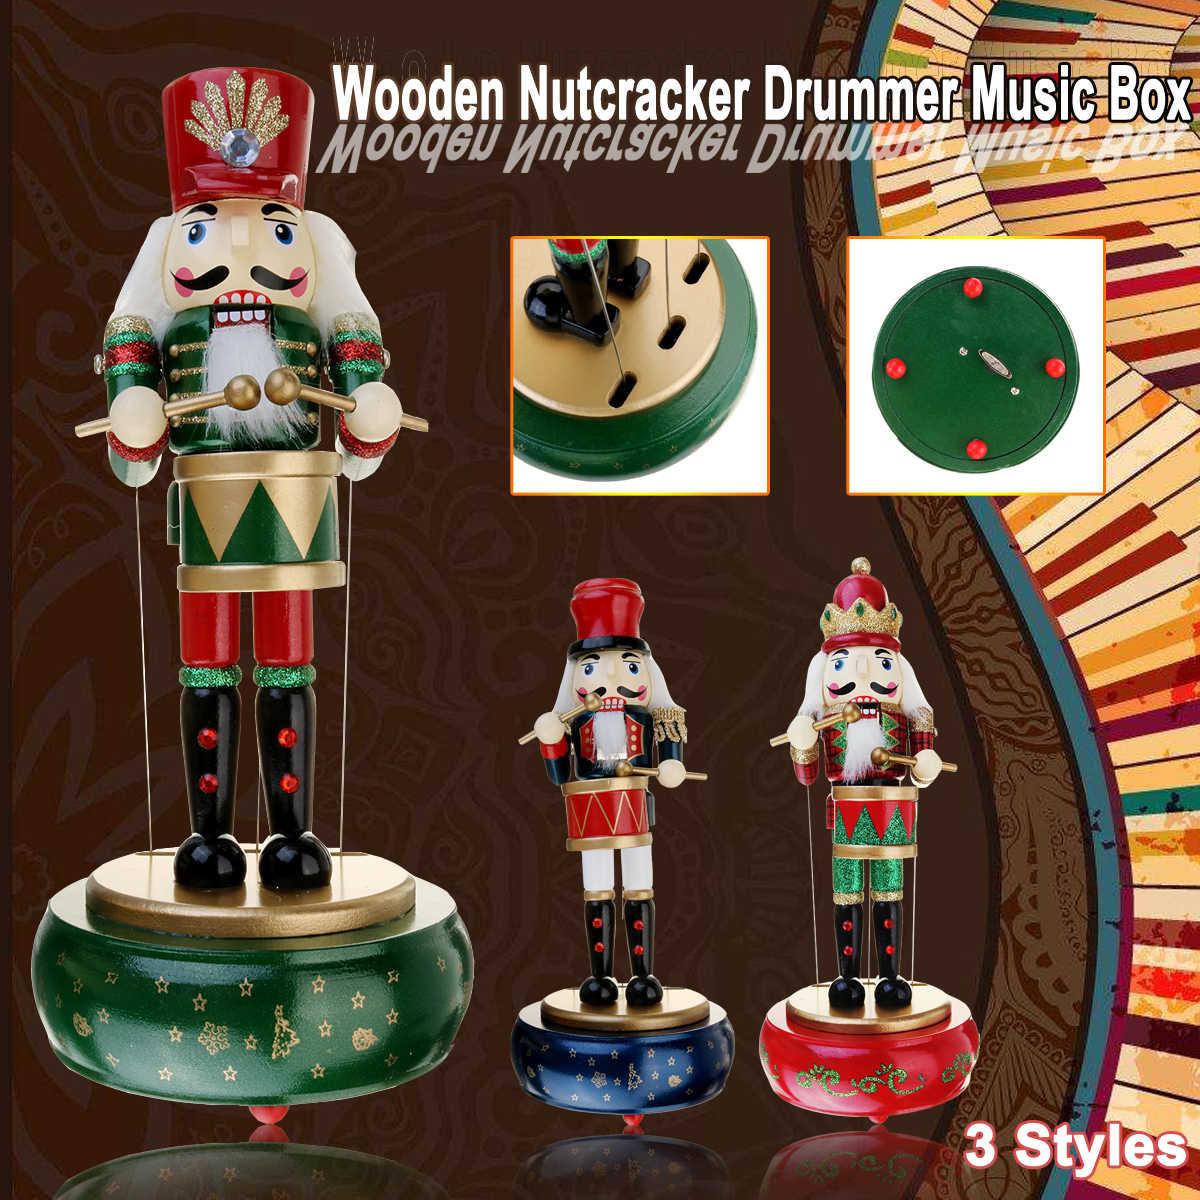 3 Colors Gỗ Nutcracker Drummer Âm Nhạc Box Retro Vòng Nhạc Trường Hợp Quà Sinh Nhật Cổ Điển Phụ Kiện Trang Trí Nhà